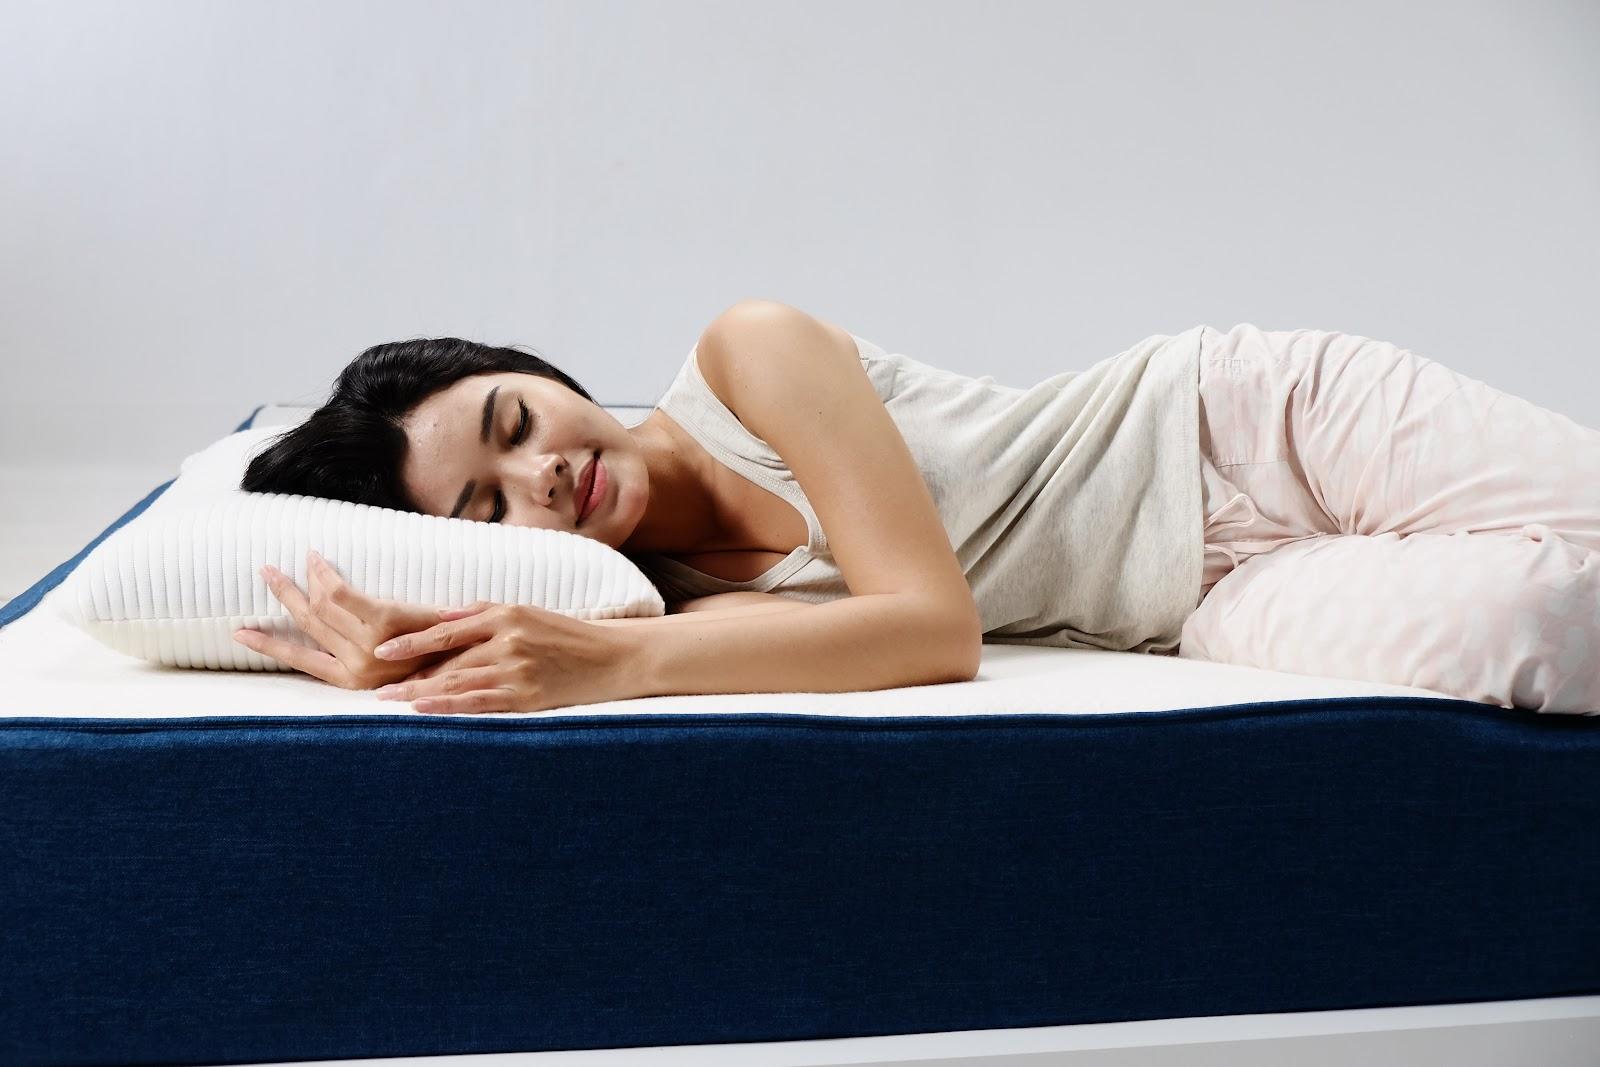 Gối Niu hỗ trợ cho giấc ngủ của bạn